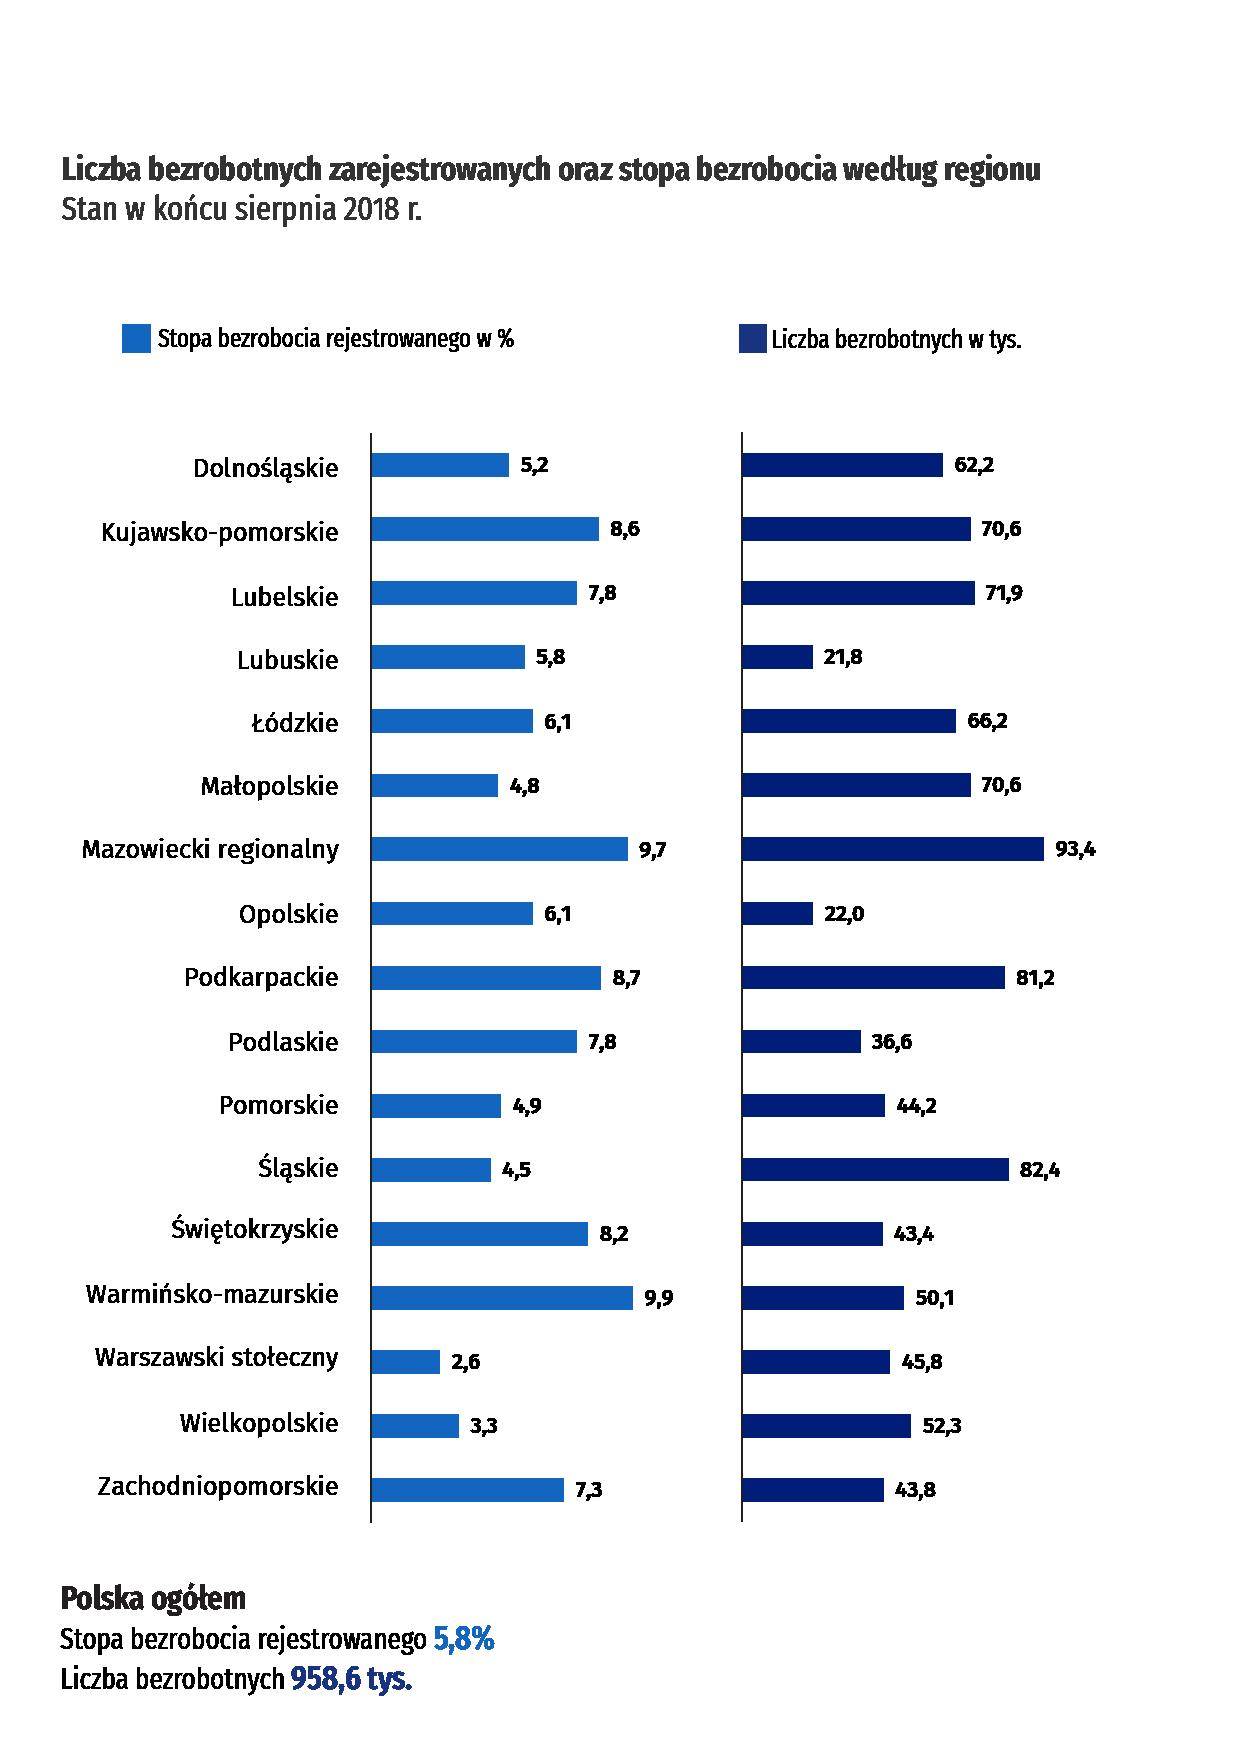 Liczba bezrobotnych zarejestrowanych oraz stopa bezrobocia według regionu. Stan w końcu sierpnia 2018 roku.